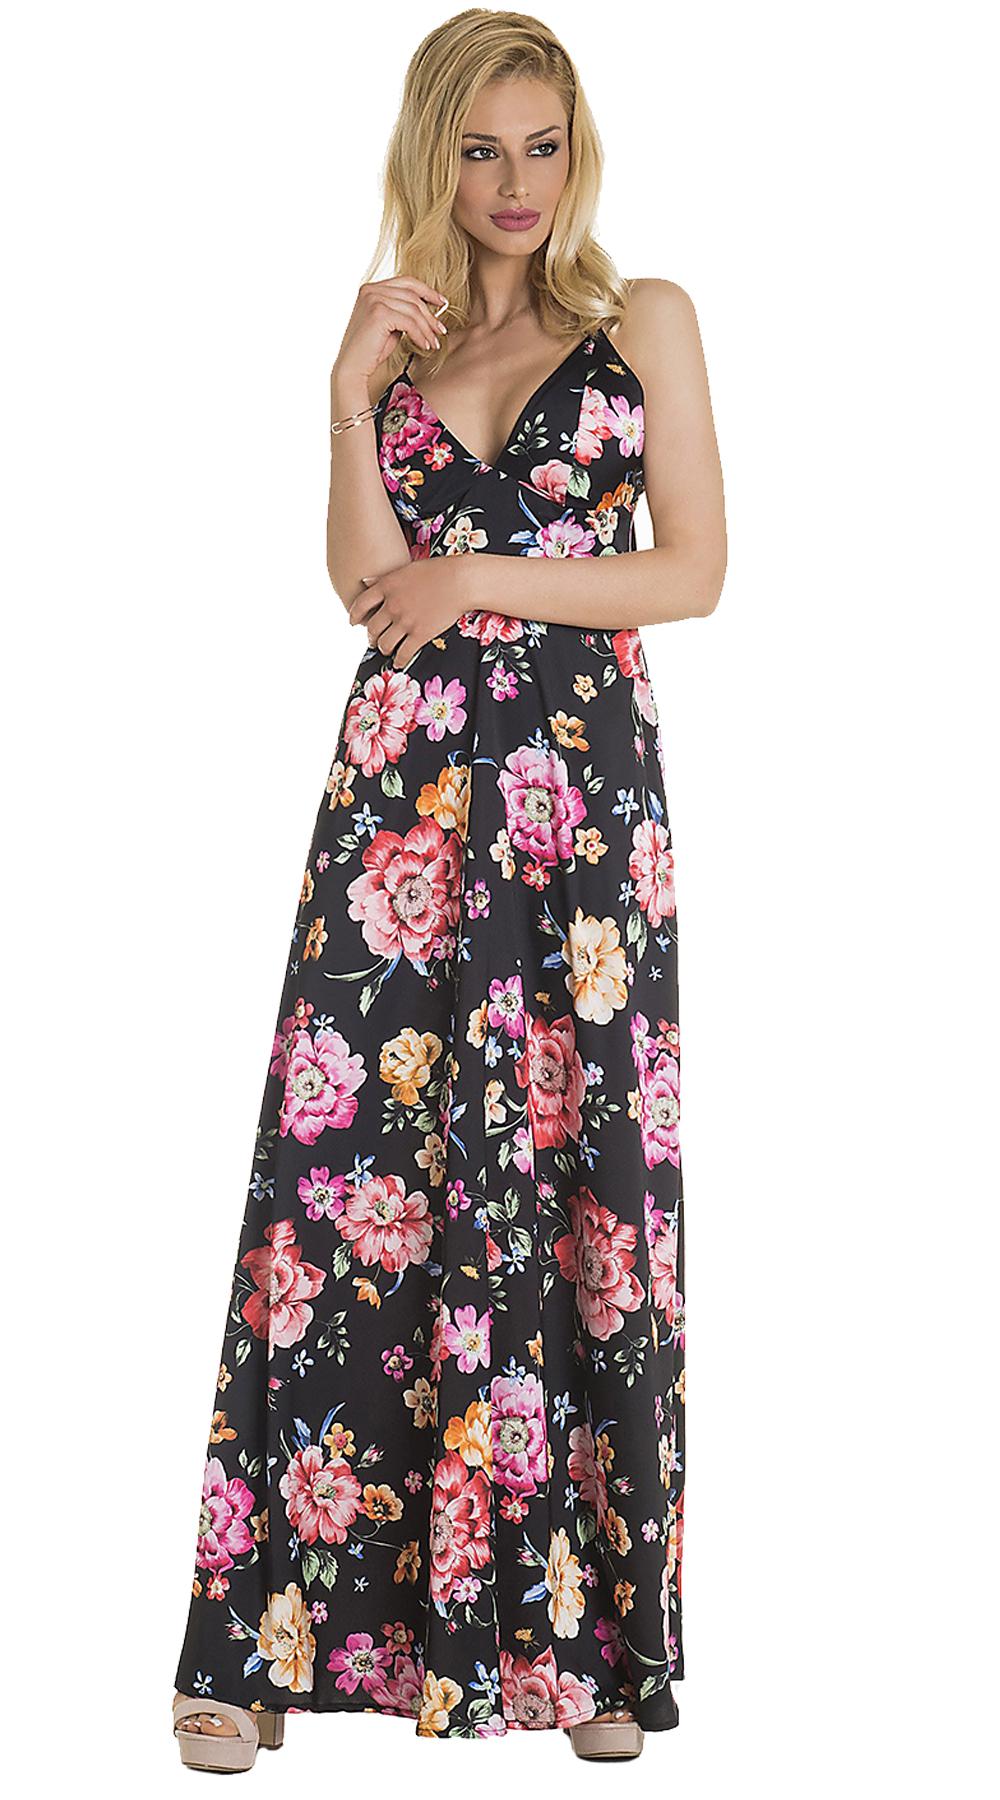 9b798e475100 Missreina Μάξι Φλοράλ Φόρεμα με ανοιχτό μπούστο ONLINE - ONLINE -  SP19ON-59310